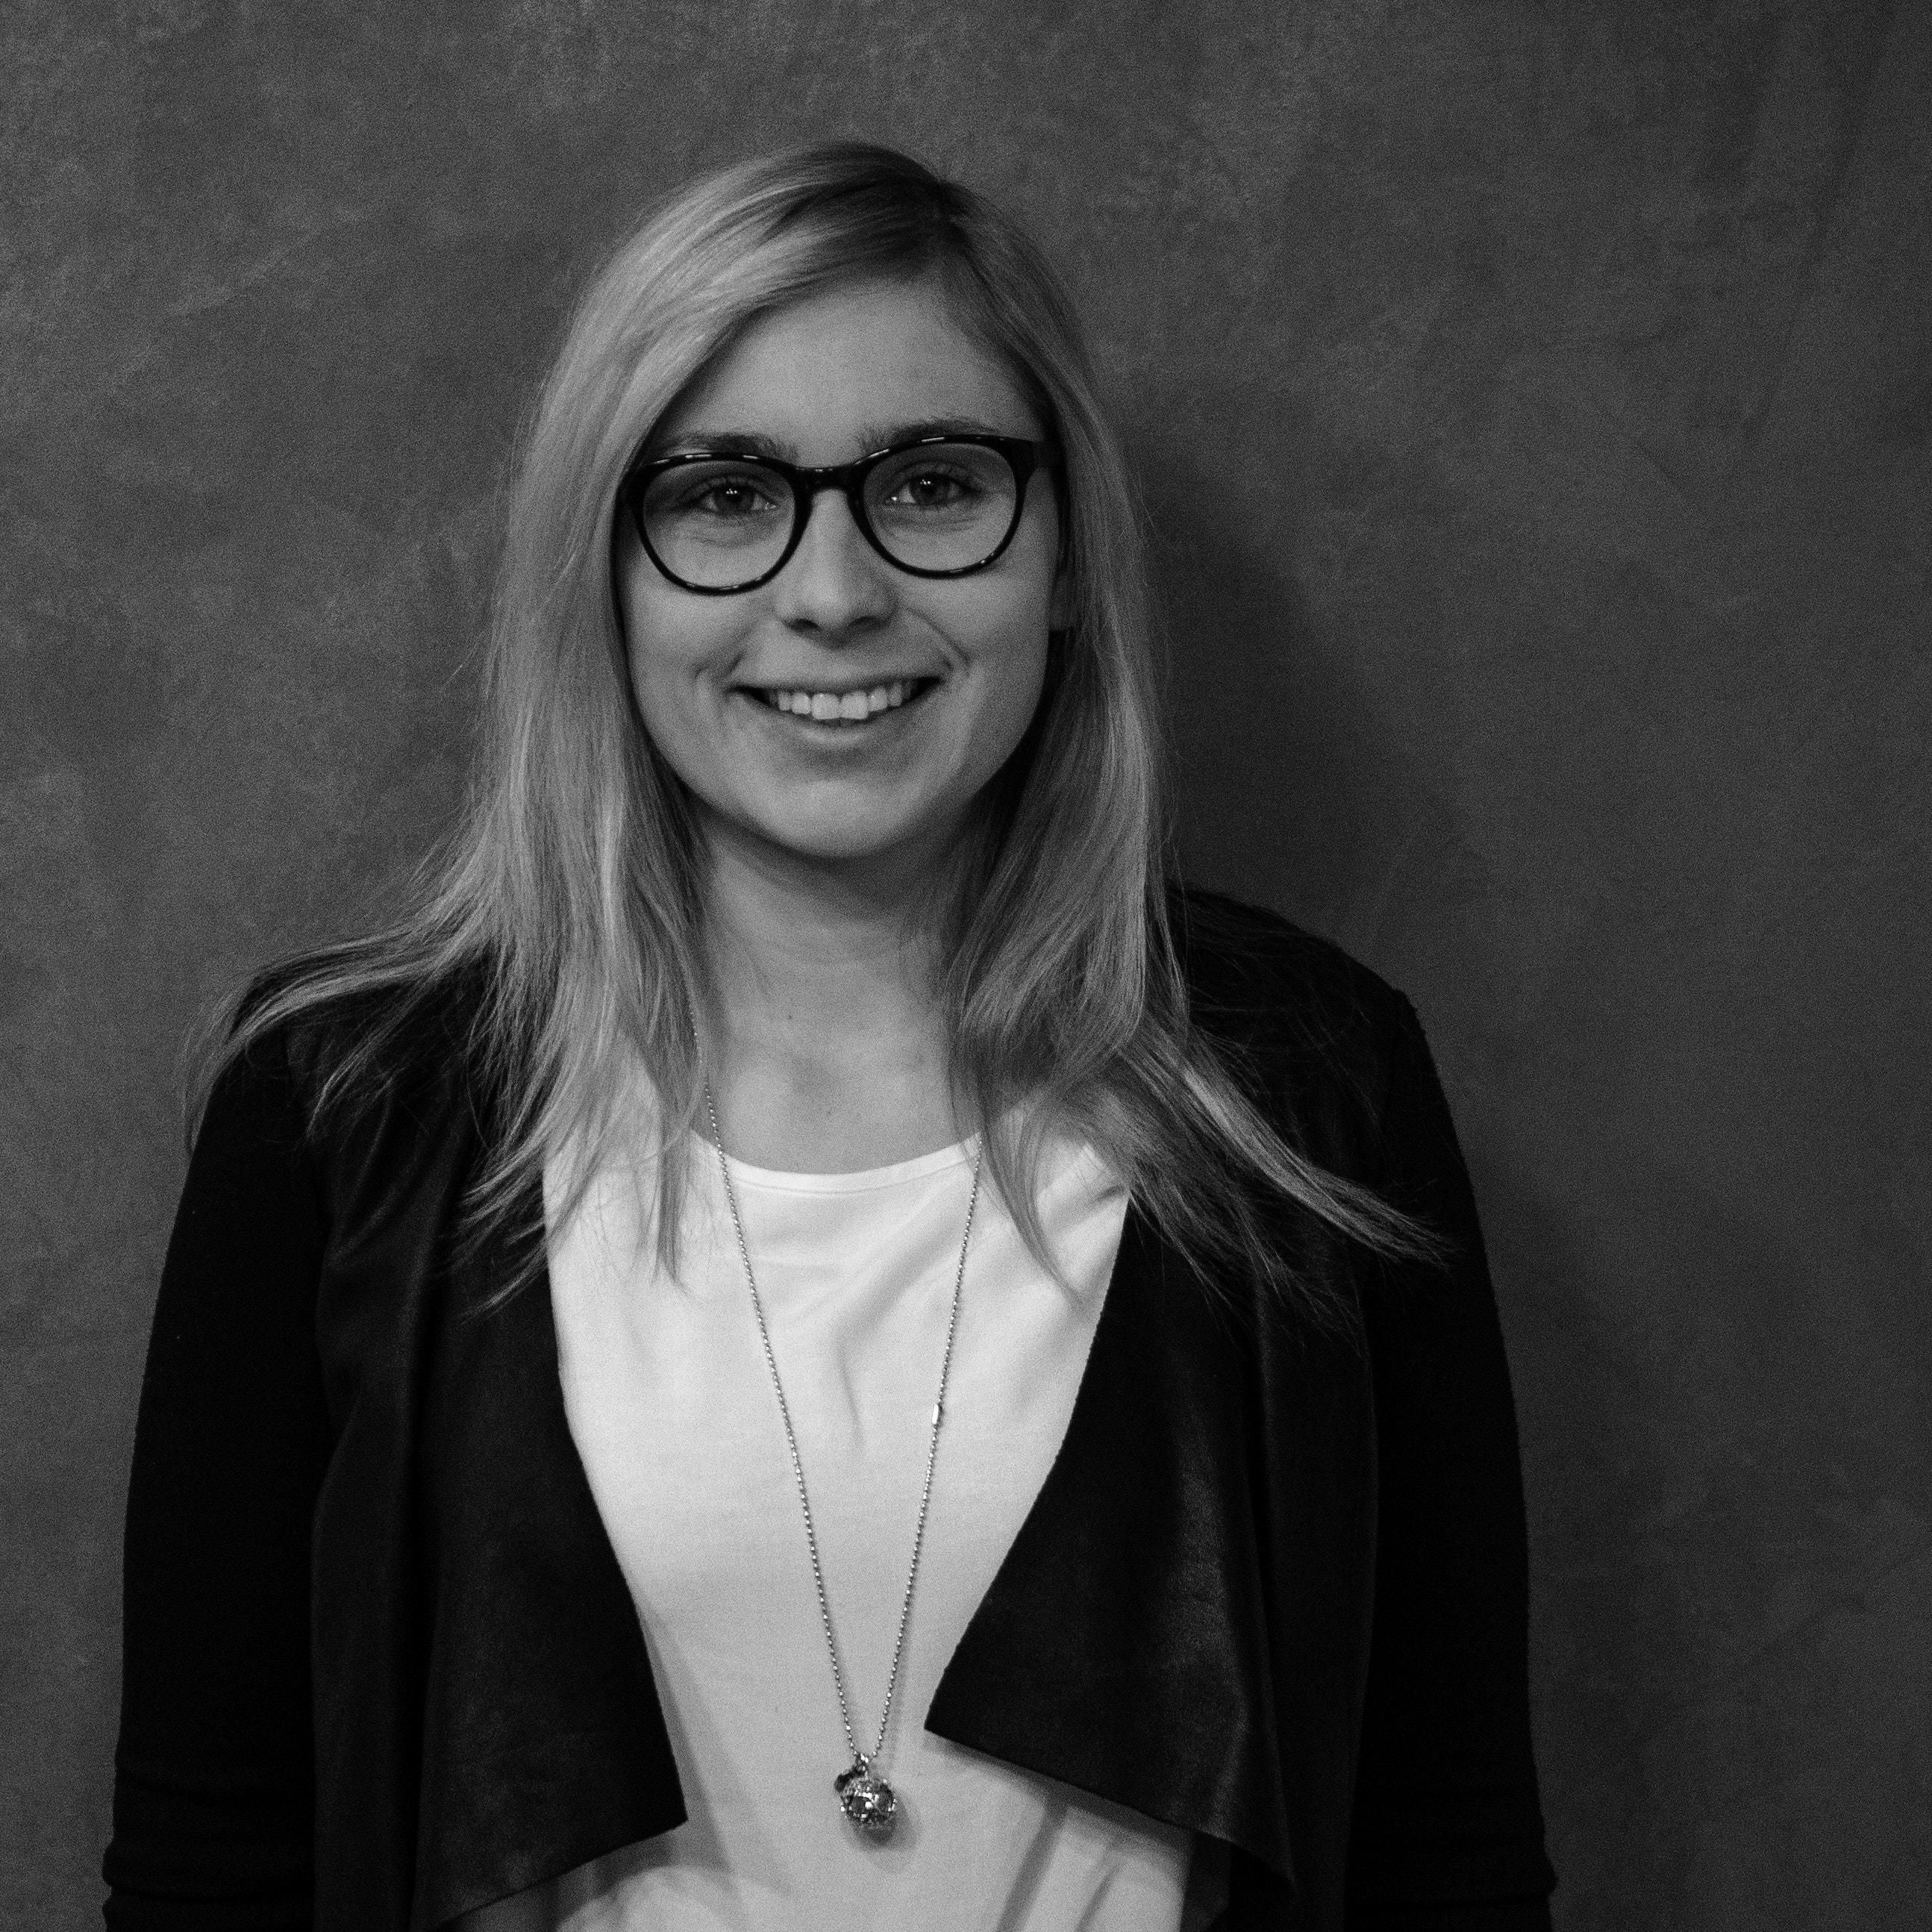 Michelle Schmitt Profilbild schwarz weiß